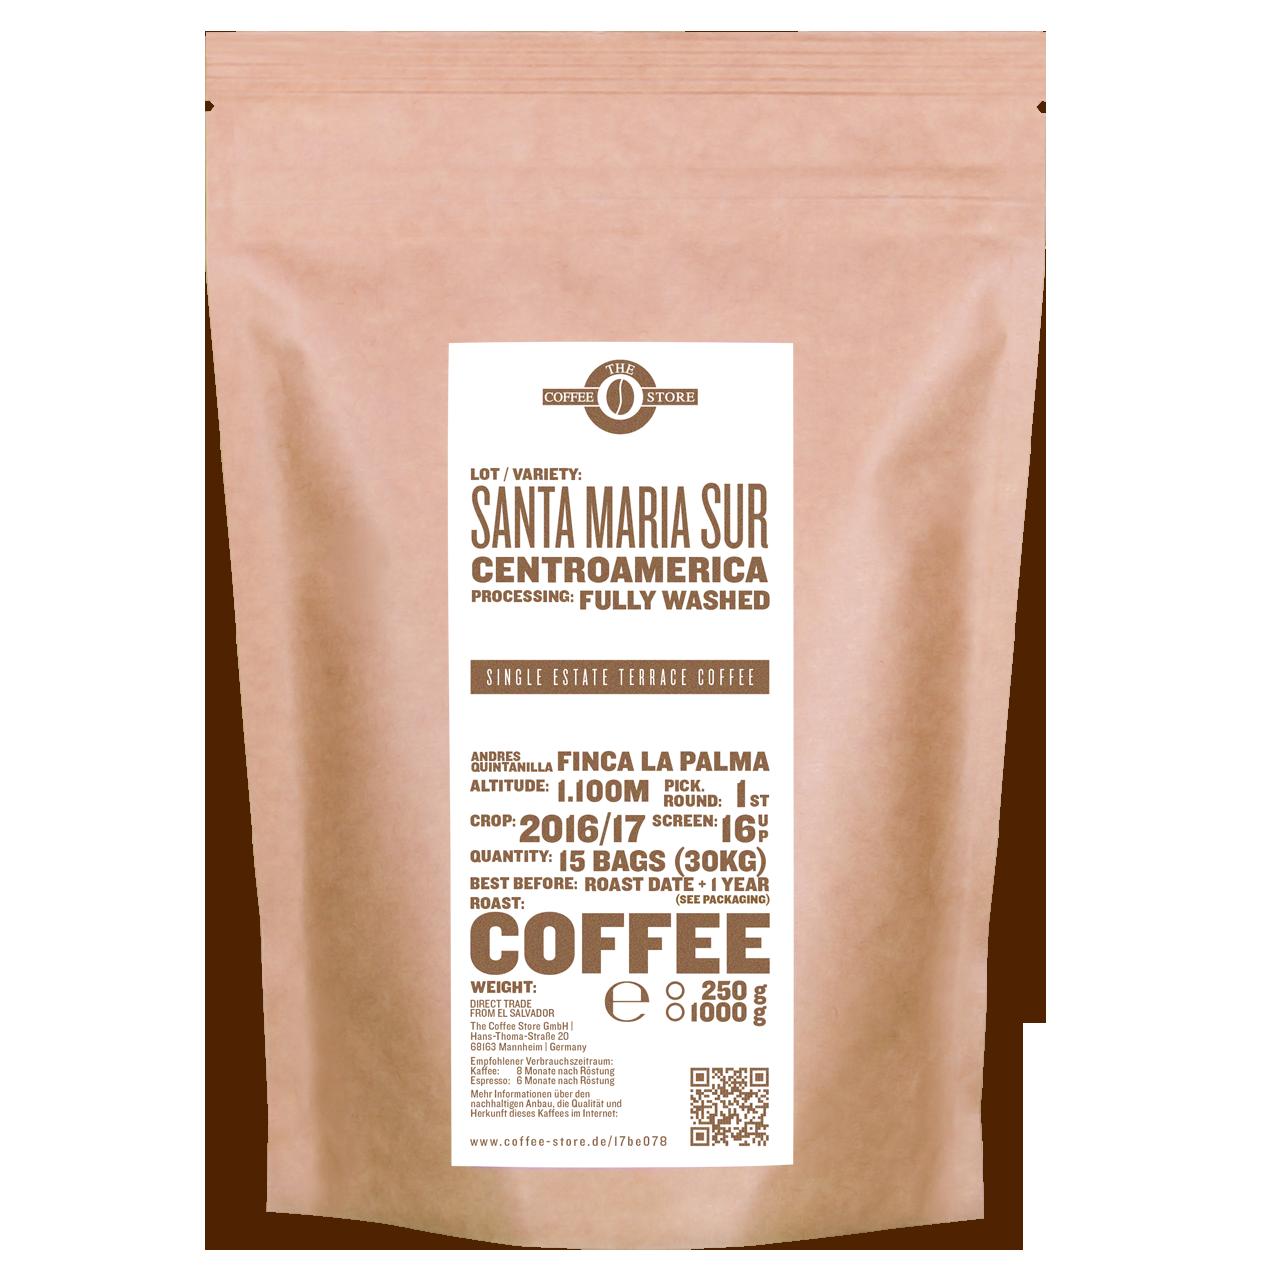 Eine Tüte gerösteter Kaffee von The Coffee Store. Kaffeeröstung Varietät Centroamerica.